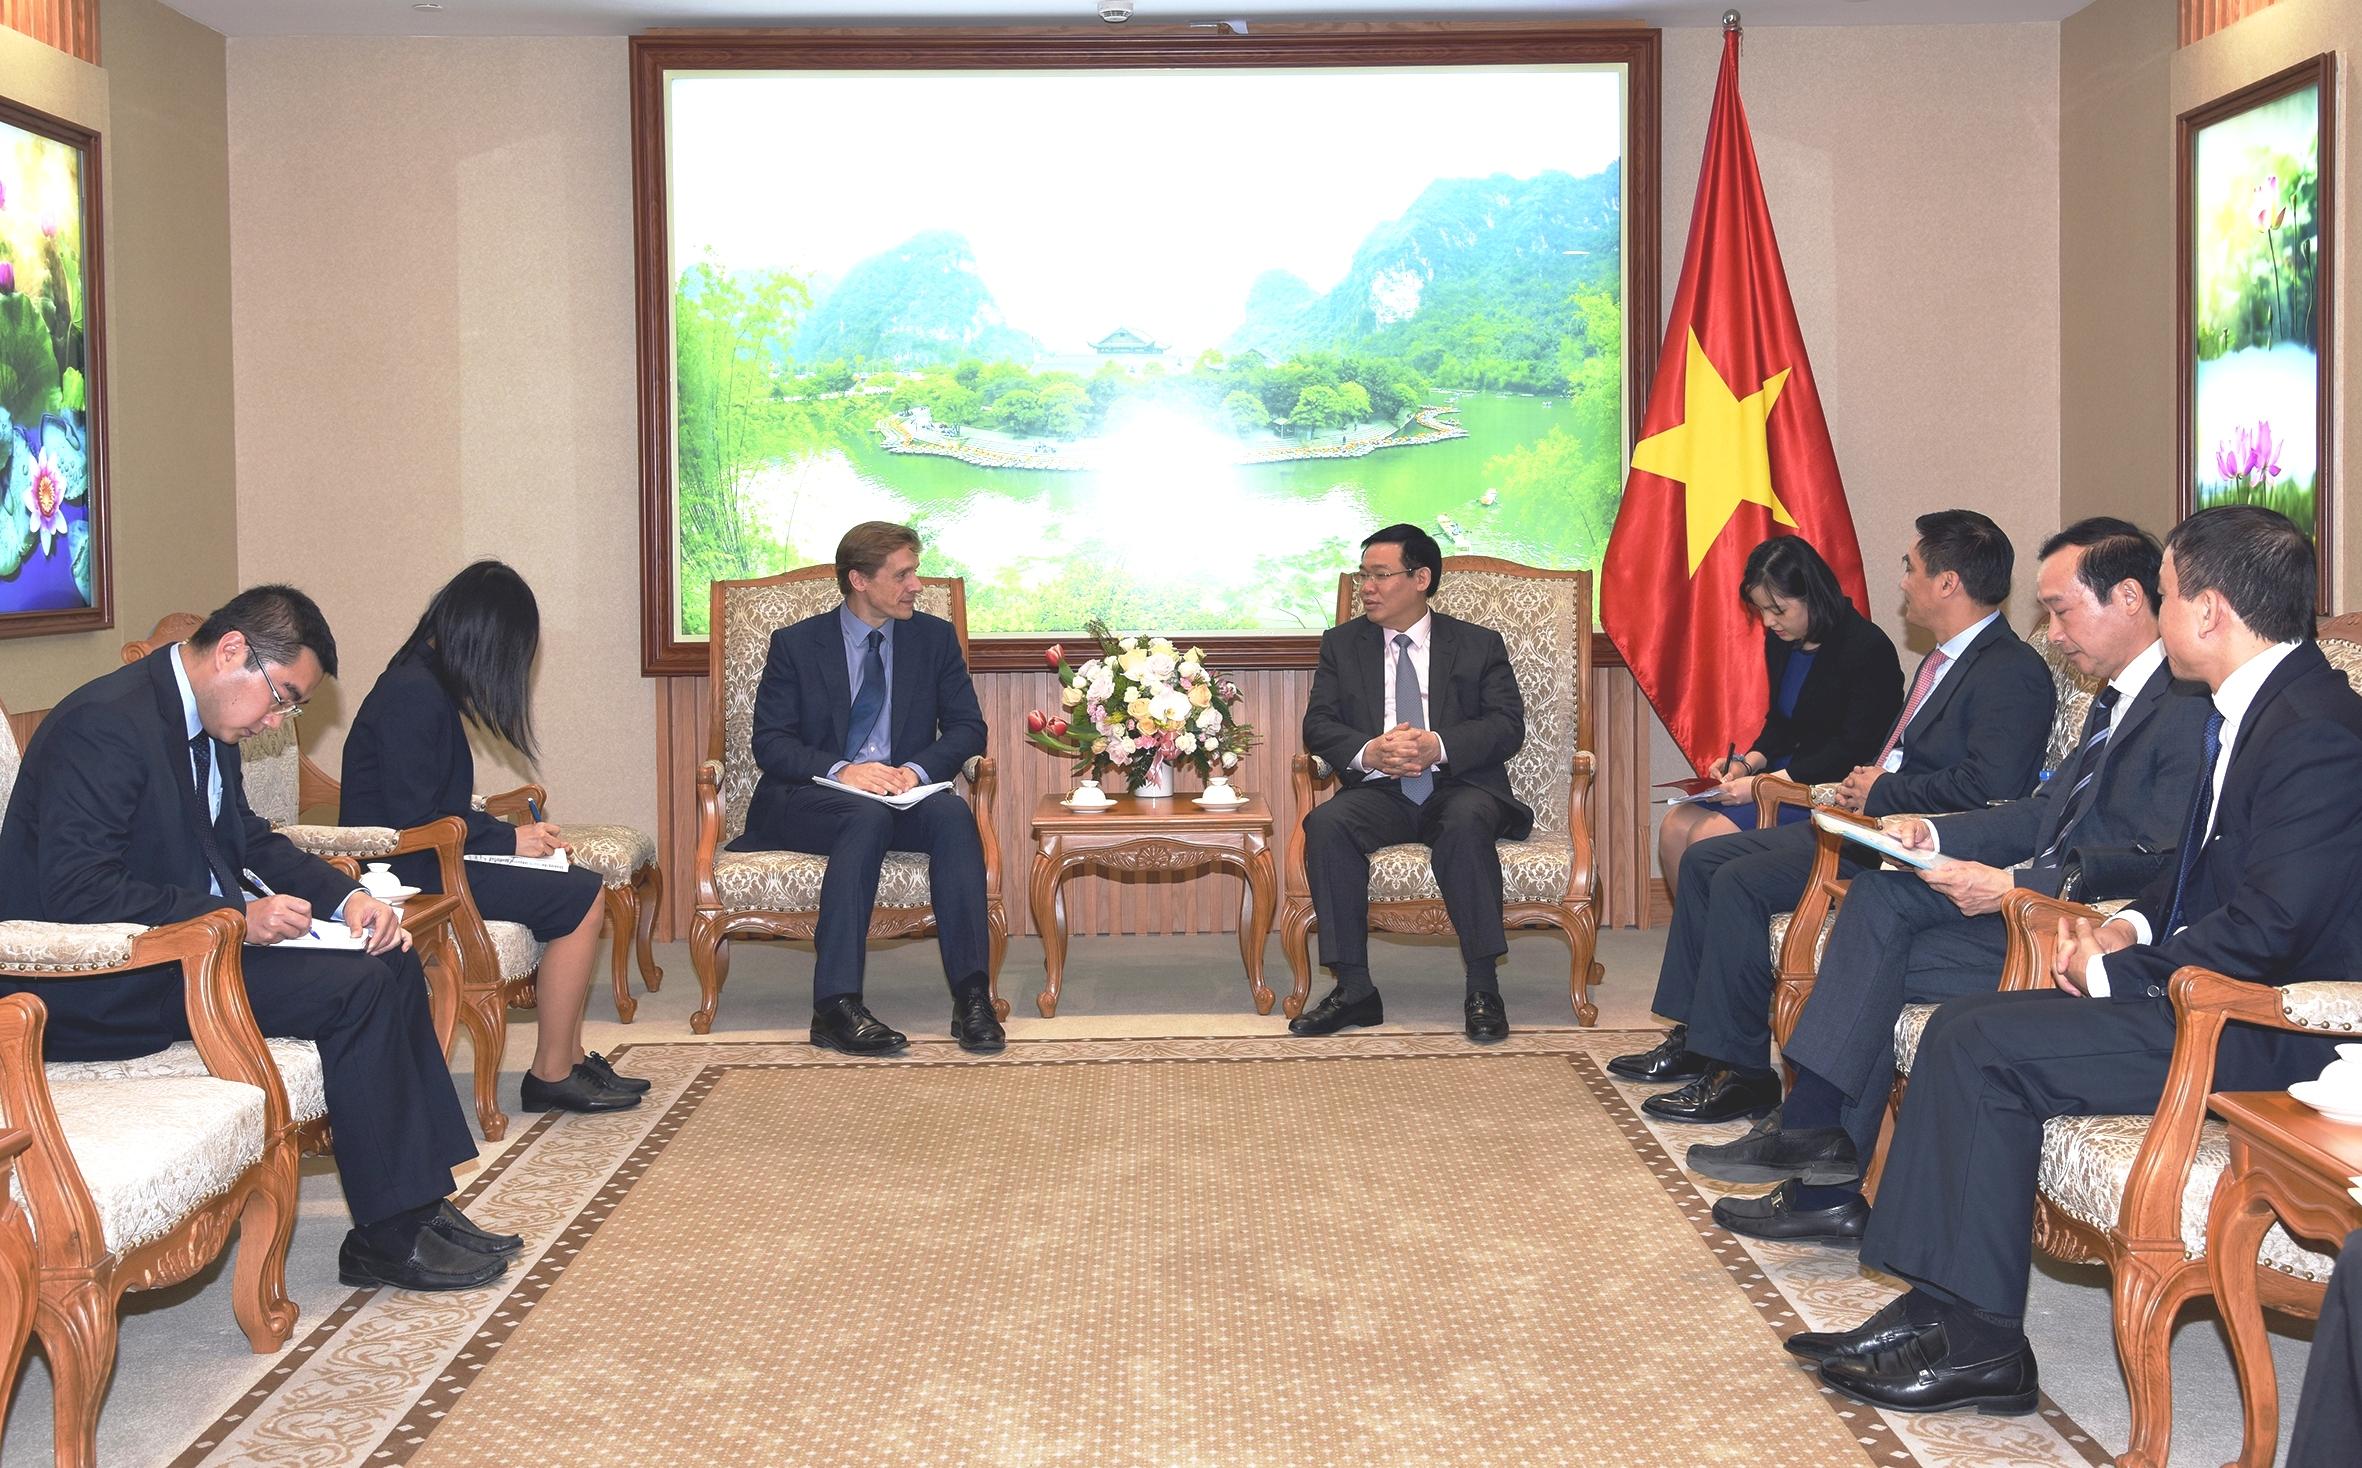 Phối hợp tổ chức thành công WEF ASEAN 2018 tại Hà Nội